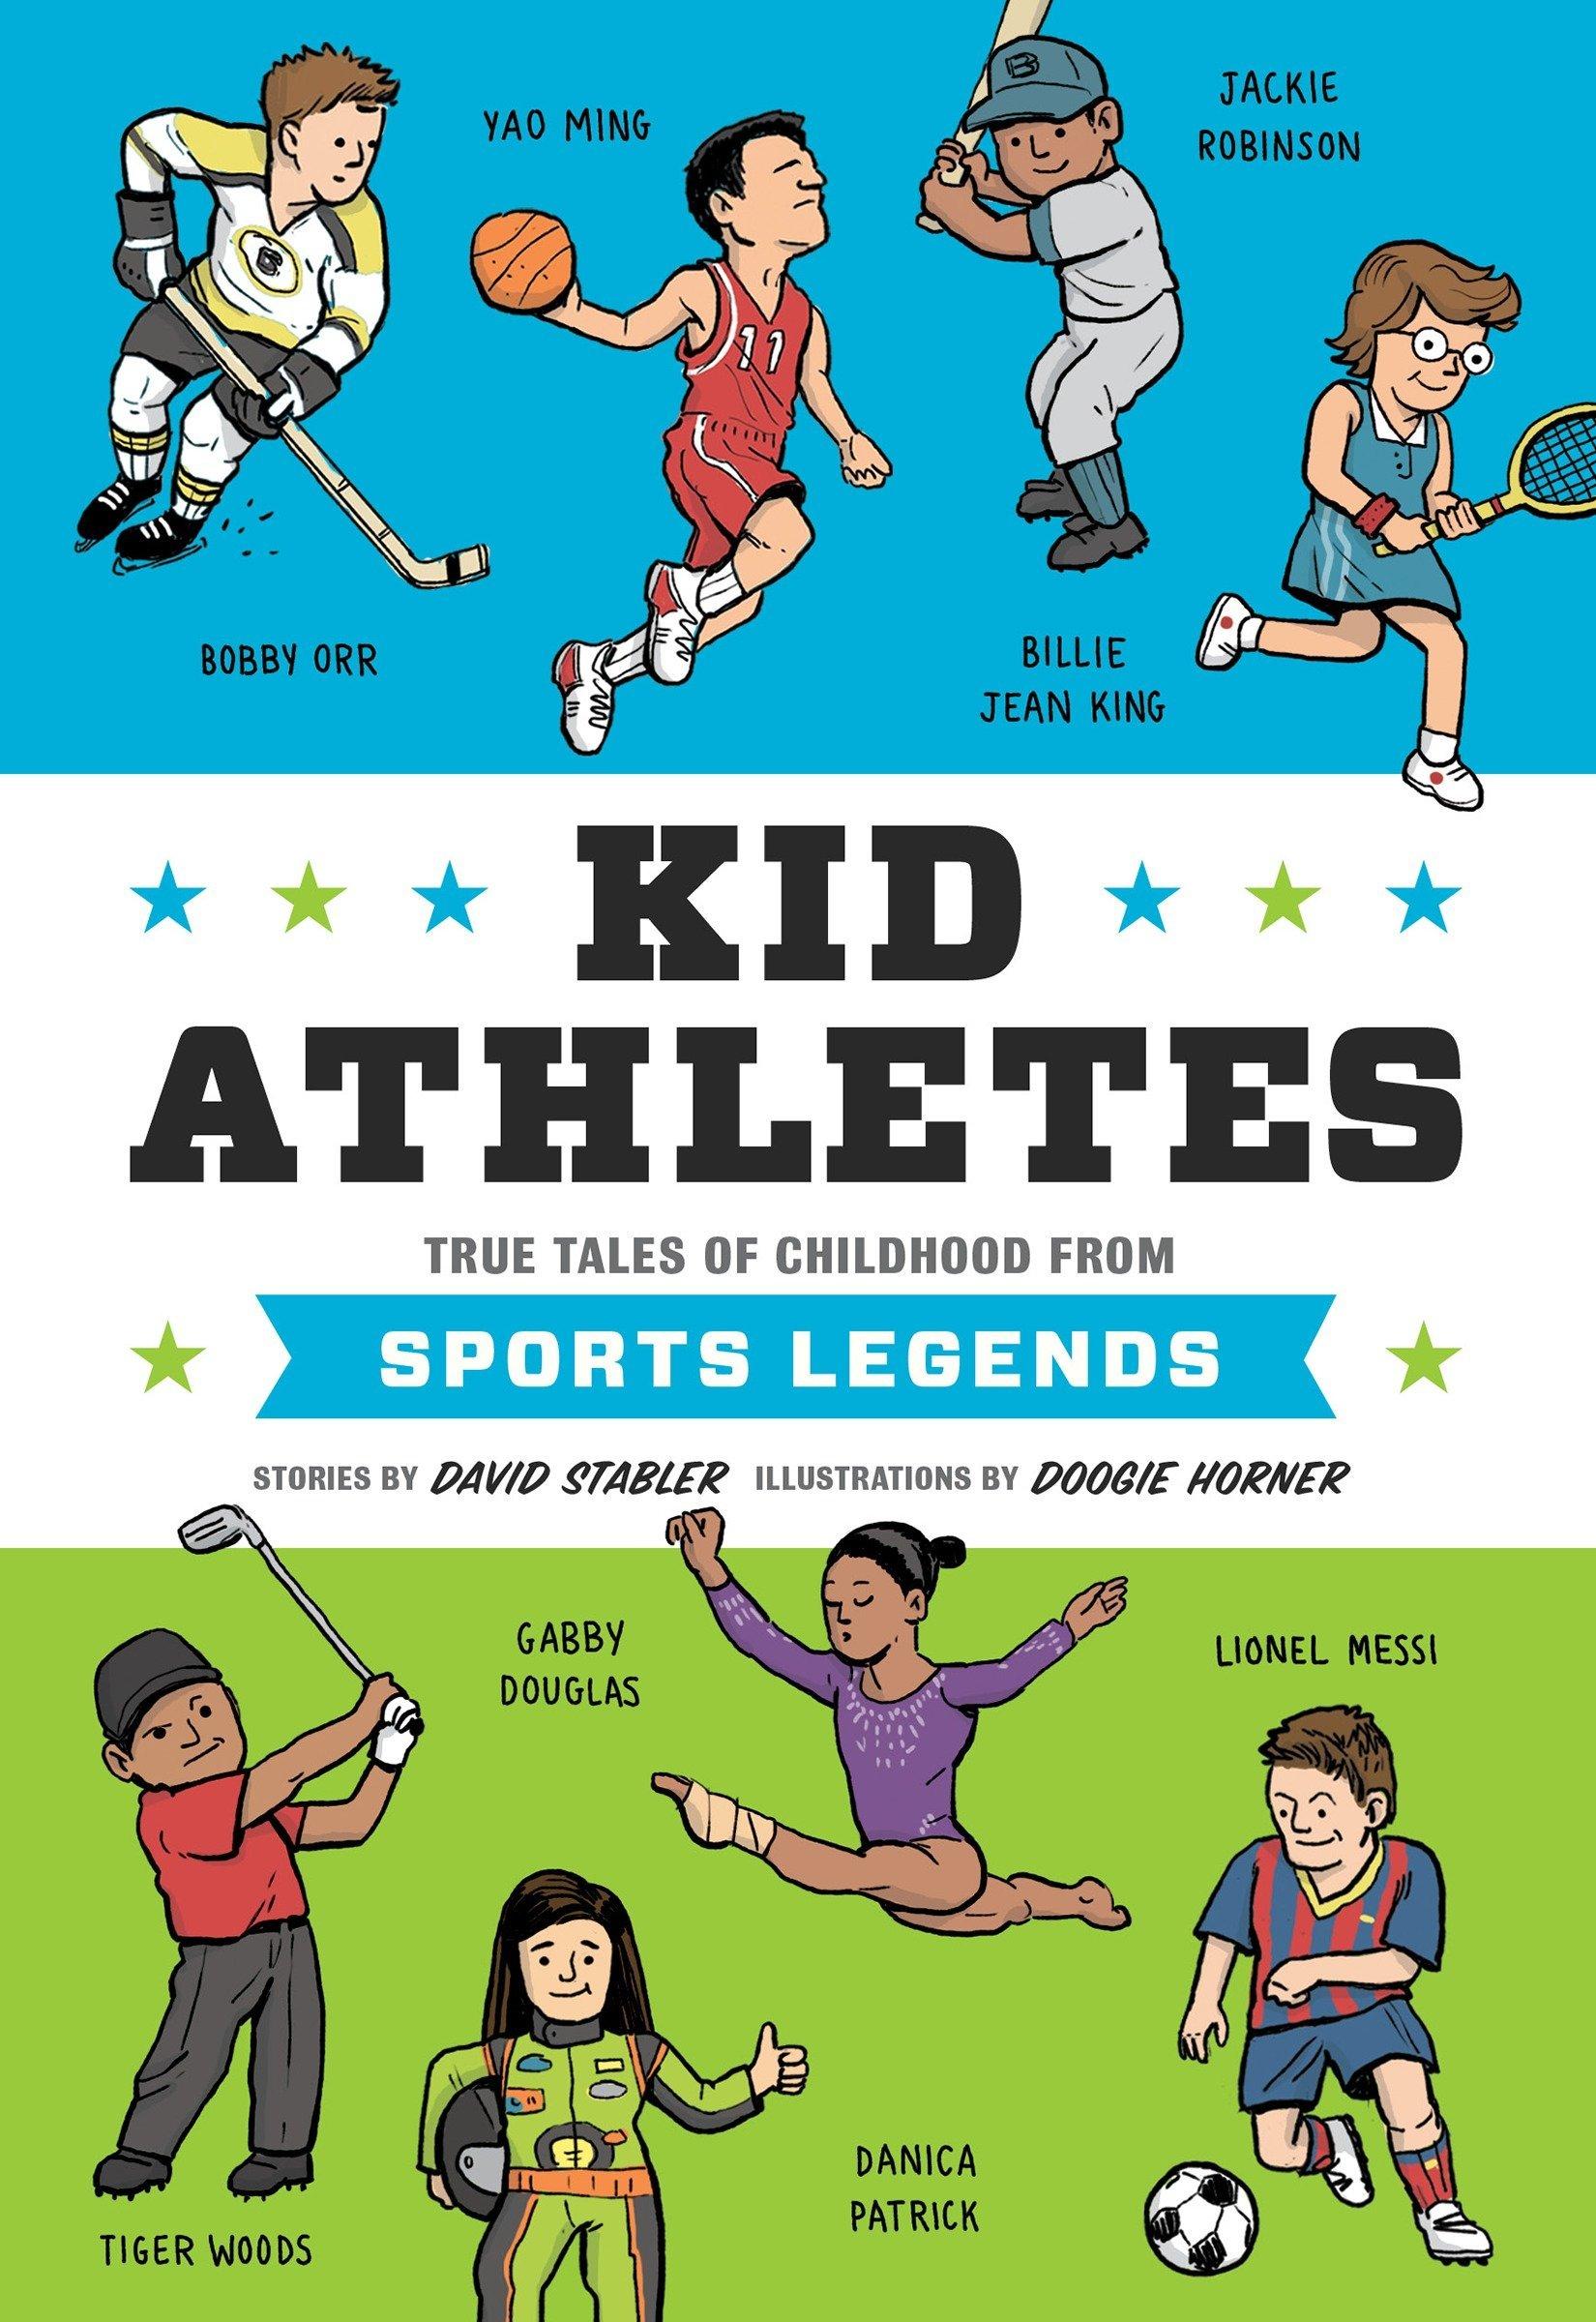 Athlete clipart child athletics. Kid athletes true tales